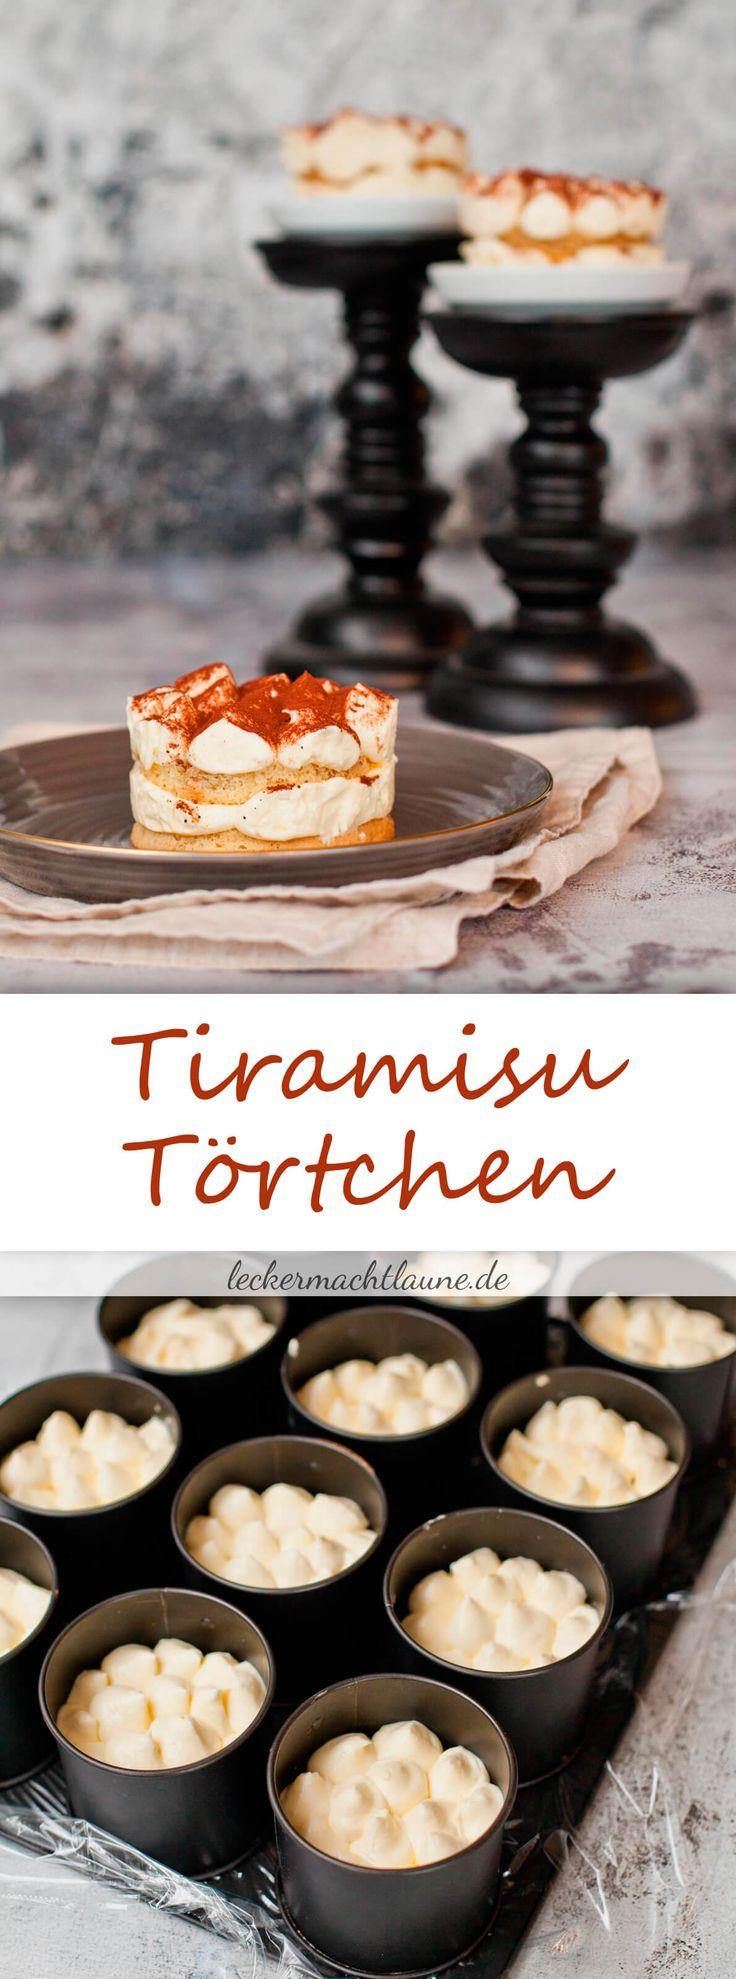 Die liebste italienische Nachspeise mal im anderen Gewand: Tiramisu-Törtchen! Leicht vorzubereiten und wunderbar bei einem festlichen Anlass.